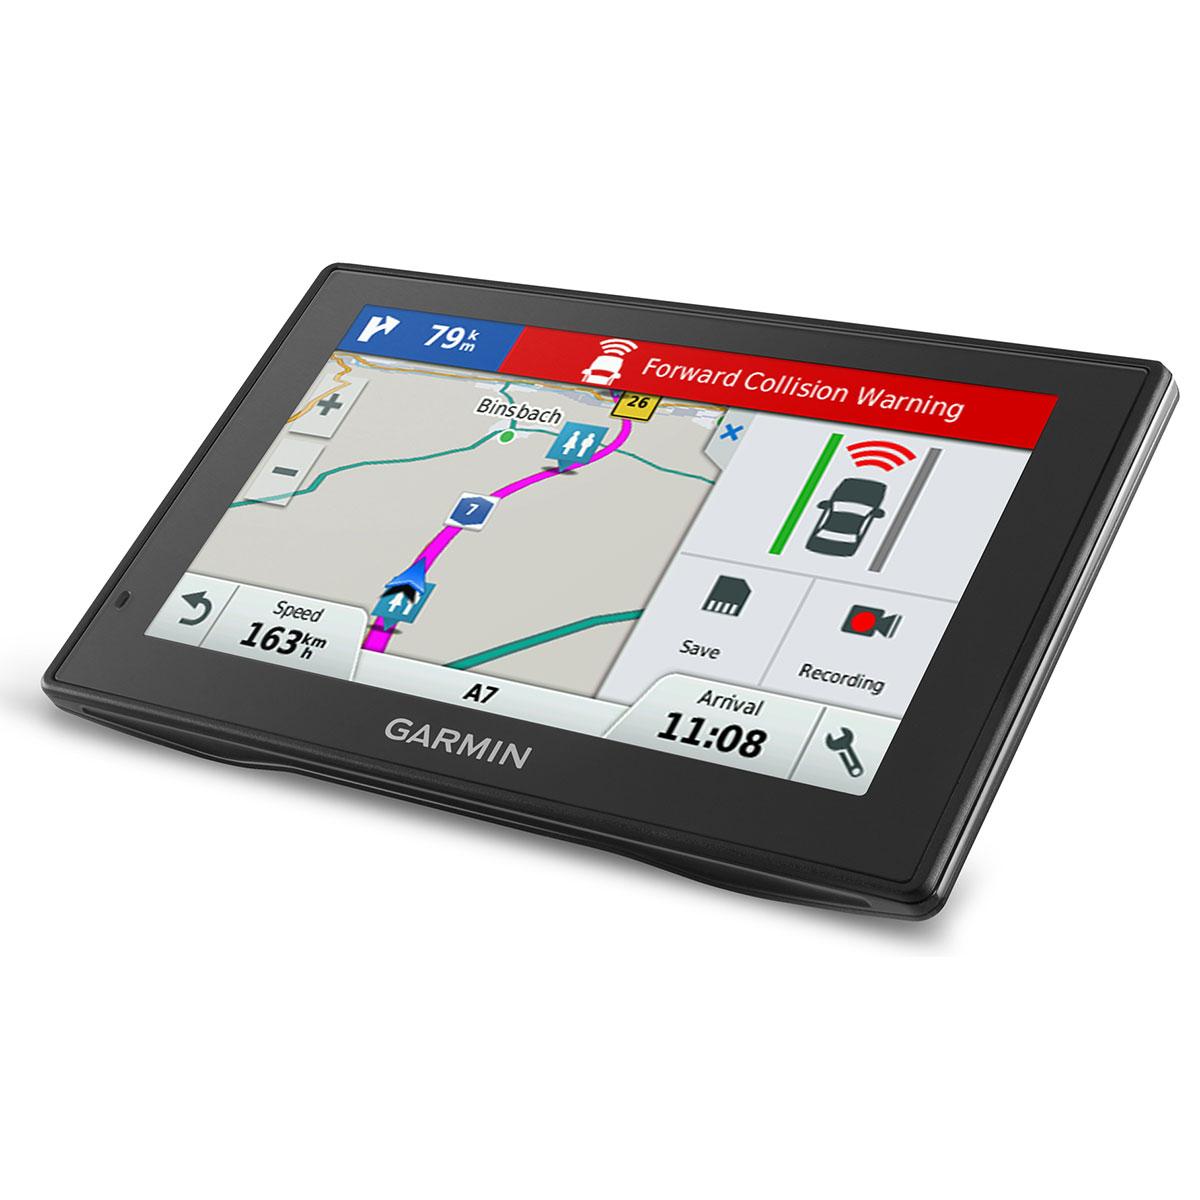 GPS навигатор Garmin DriveAssist 50LMT Europe [010-01541-11]GPS навигаторы<br>Garmin DriveAssist50 - GPS навигатор со втроенной камерой и возможностью подклучения второй<br><br>Современный мир с его огромным количеством многополосных дорог, сложных перекрестков и многоуровневых развязок предъявляет серьезные требования к подготовке водителя и обязывает его использовать самые современные средства навигации. Такие, как Garmin DriveAssist 50! Это устройство – не просто GPS-навигатор! Это полноценный «комбаин», который способен прокладывать путь, поддерживает подключение сторонних гаджетов и аксессуаров, а также несет в себе огромное количество...<br><br>Область применения: автомобильный<br>Возможность загрузки карты местности: Есть<br>Функция расчета маршрута: Есть<br>Програмное обеспечение: Garmin<br>Голосовые сообщения: есть<br>Тип антенны: внутренняя